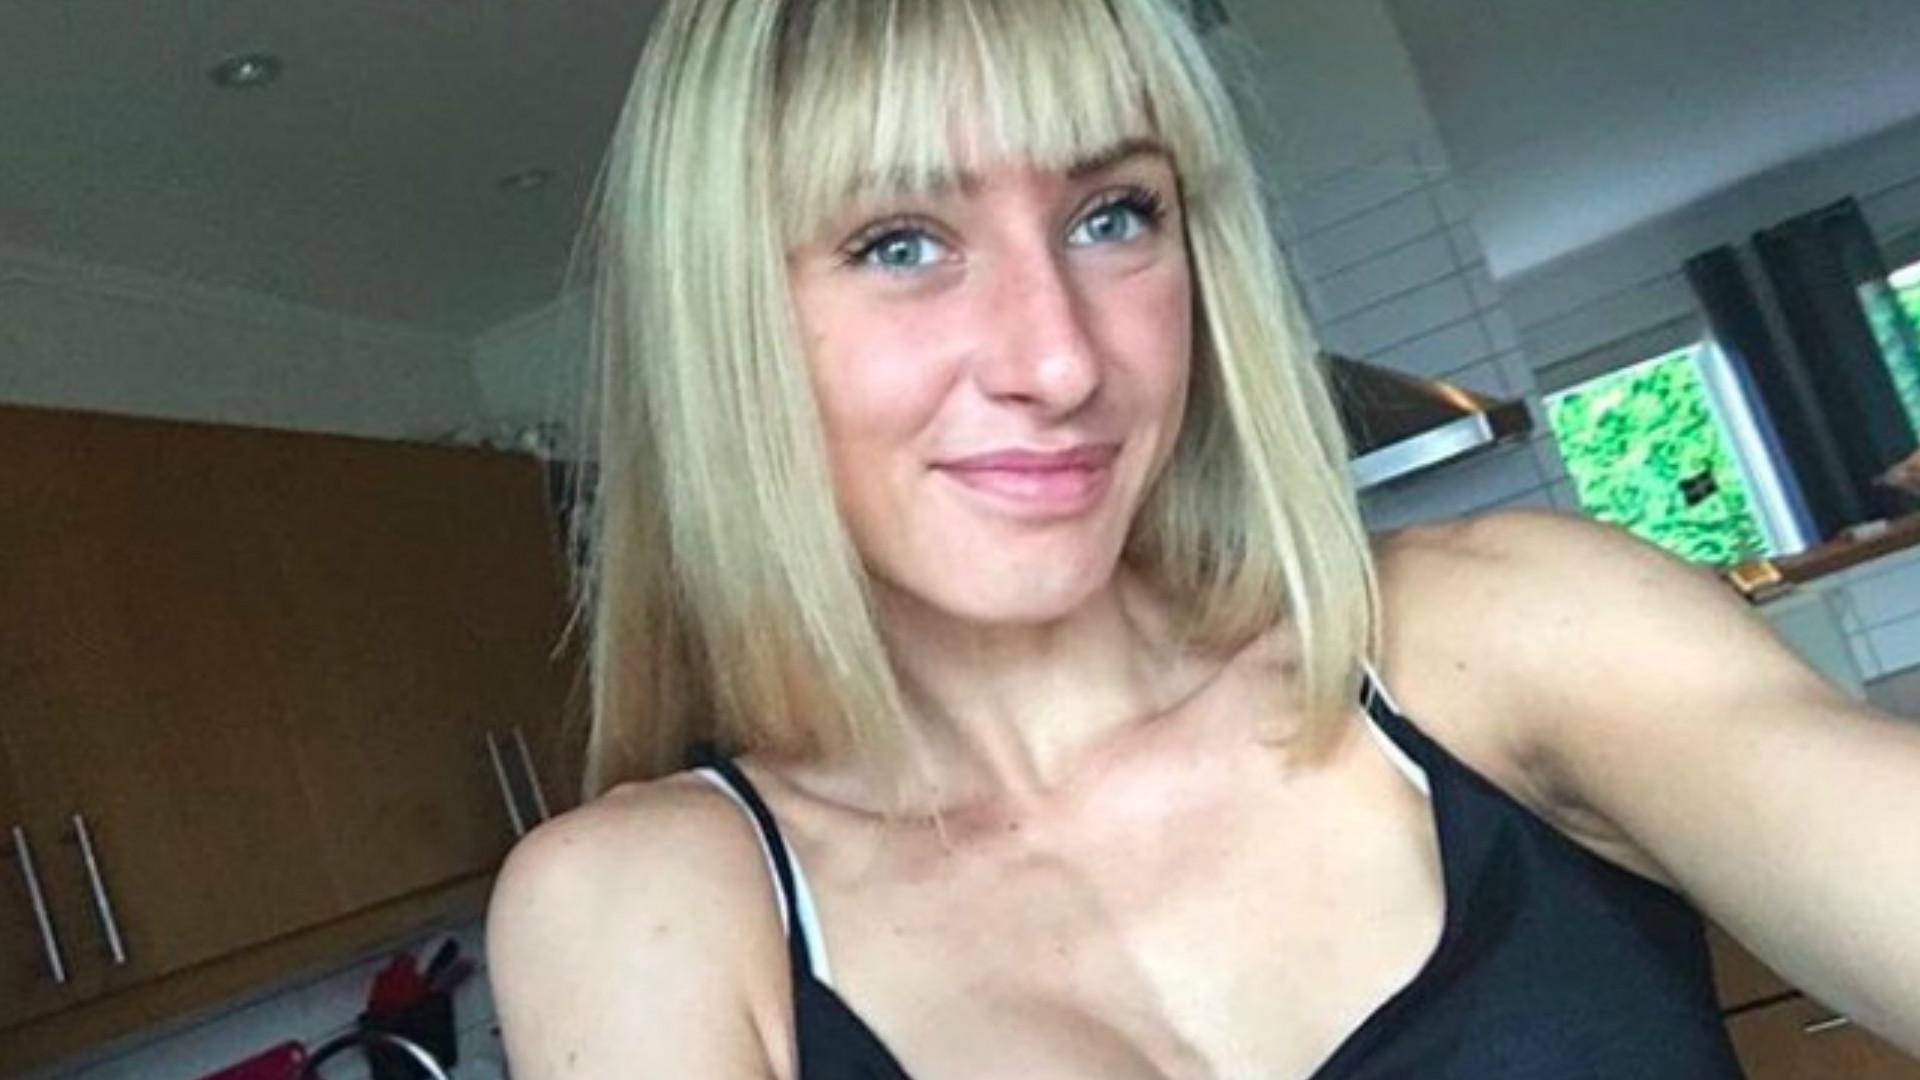 Amanda Kristiansen